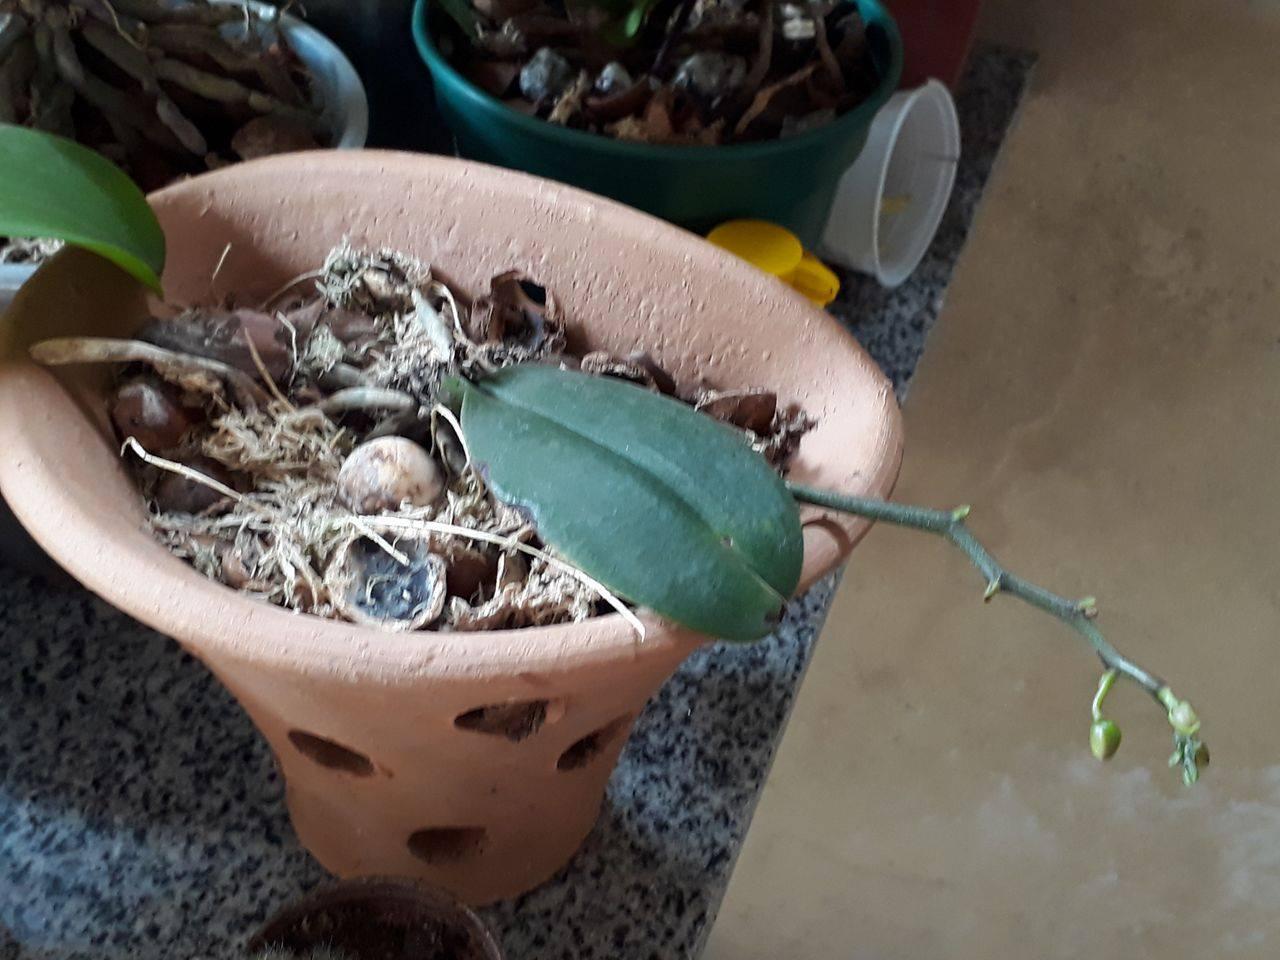 15608703 1197814220273134 1388731071 o - Posso retirar minha orquídea do vaso mesmo estando com flores